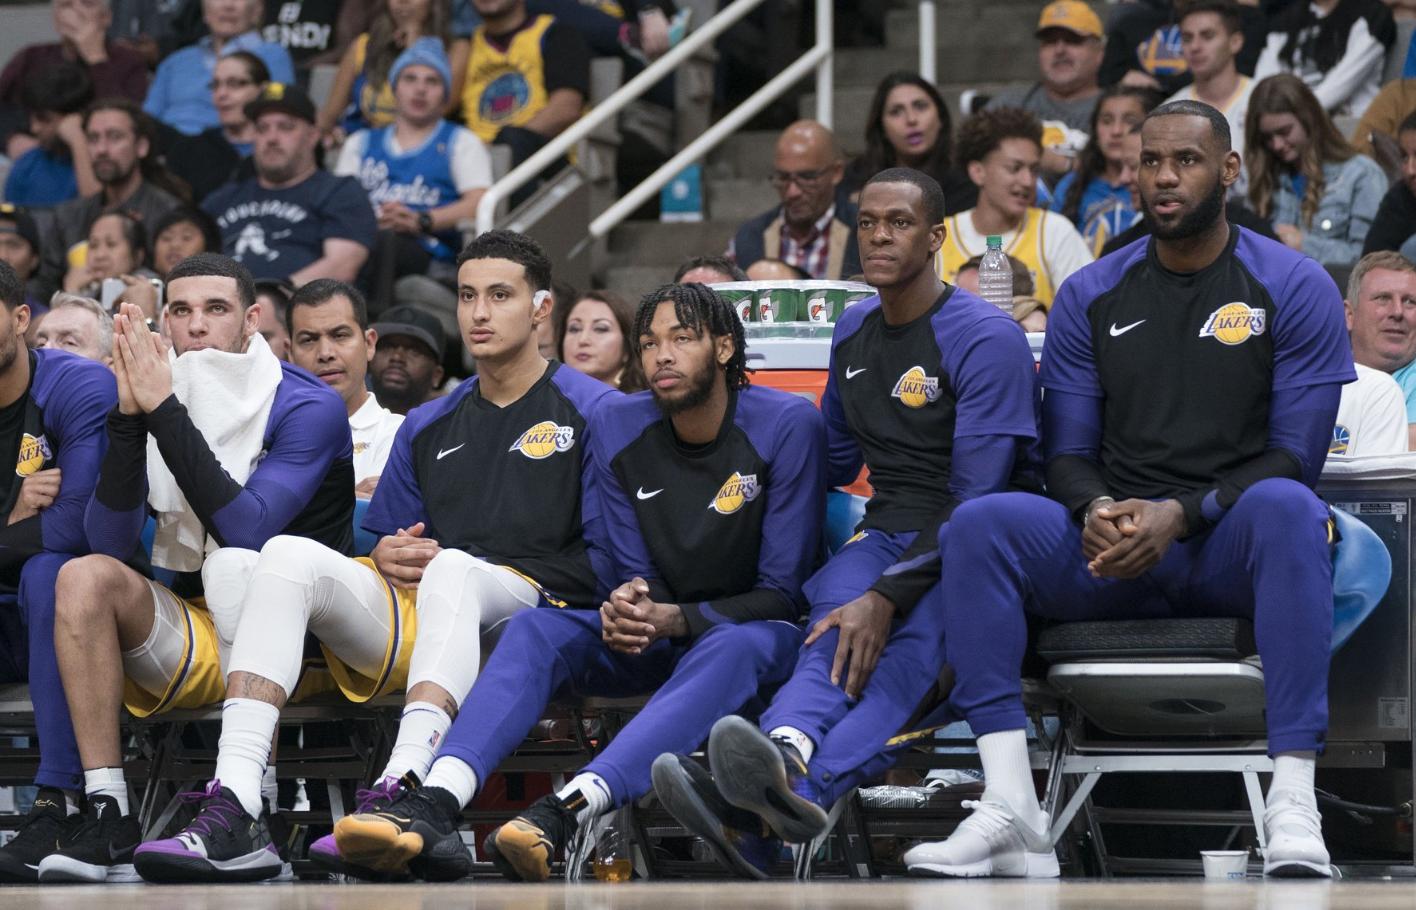 Các cầu thủ trẻ của Lakers thi đấu không như kỳ vọng, LeBron James nghĩ gì về điều này? - Ảnh 1.